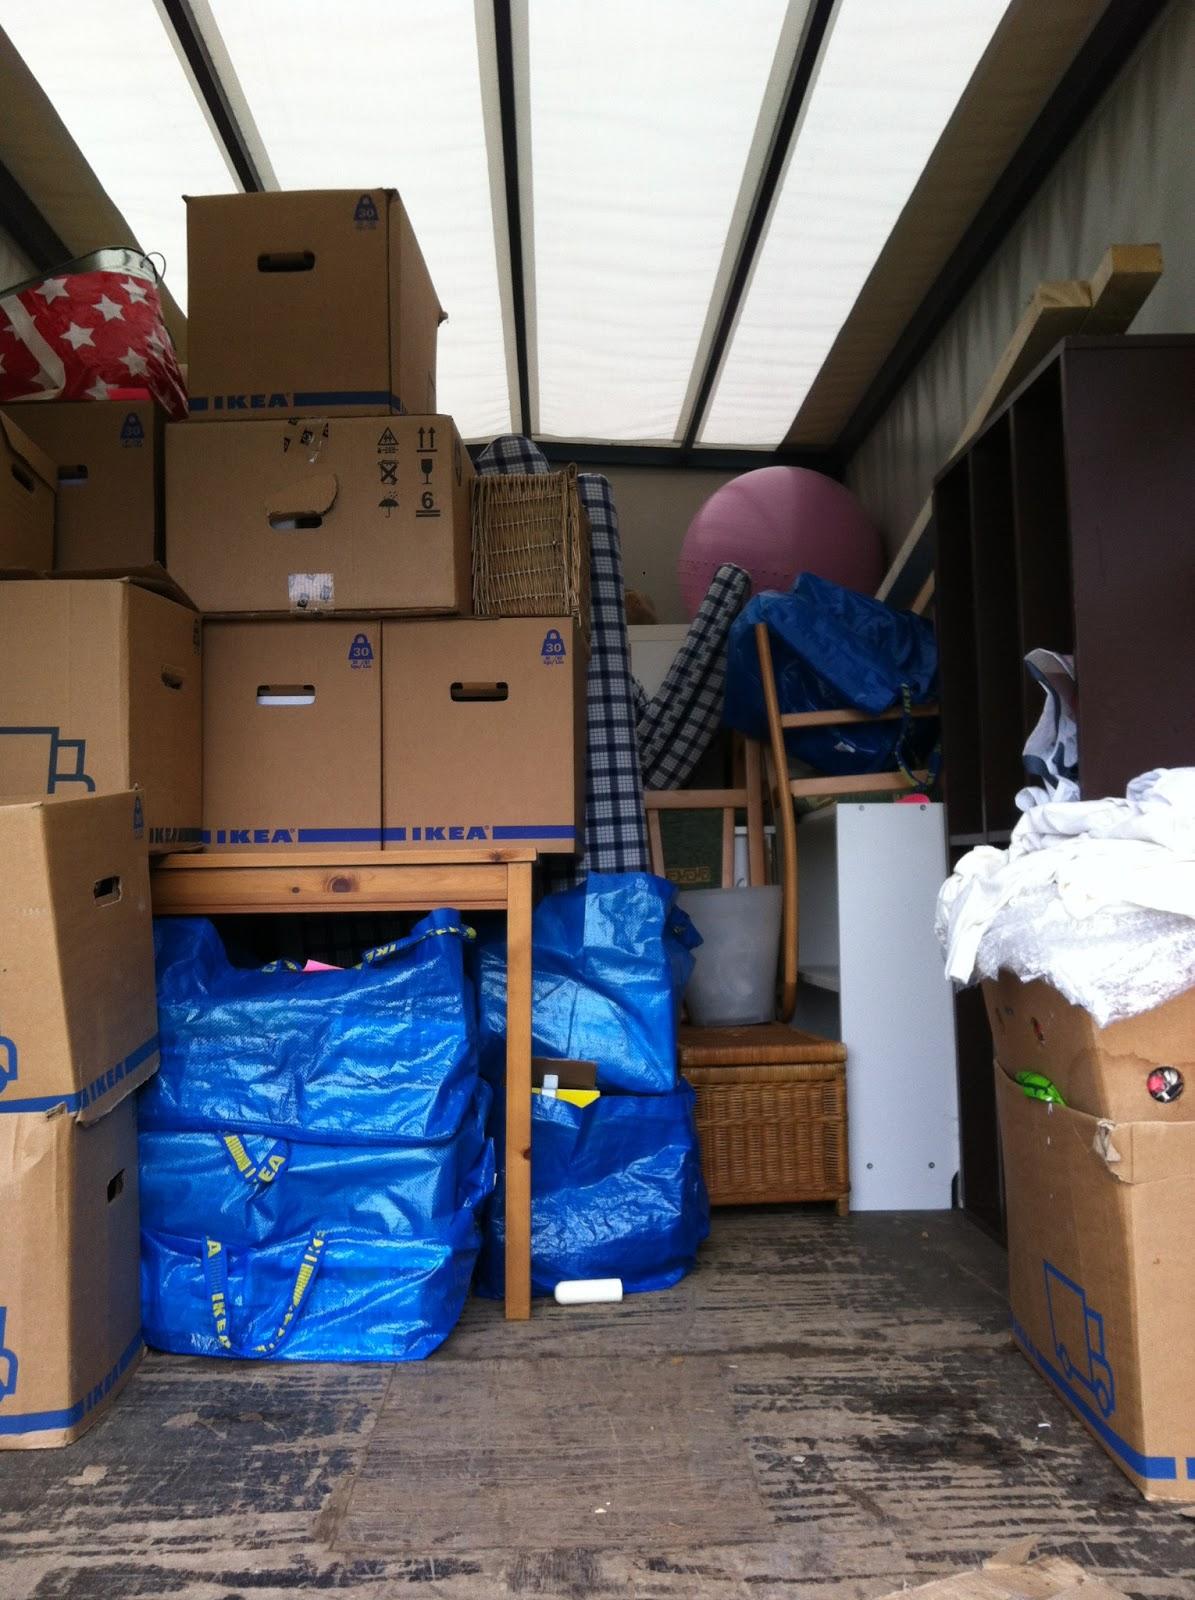 Mit kell tennie egy héttel költözés előtt